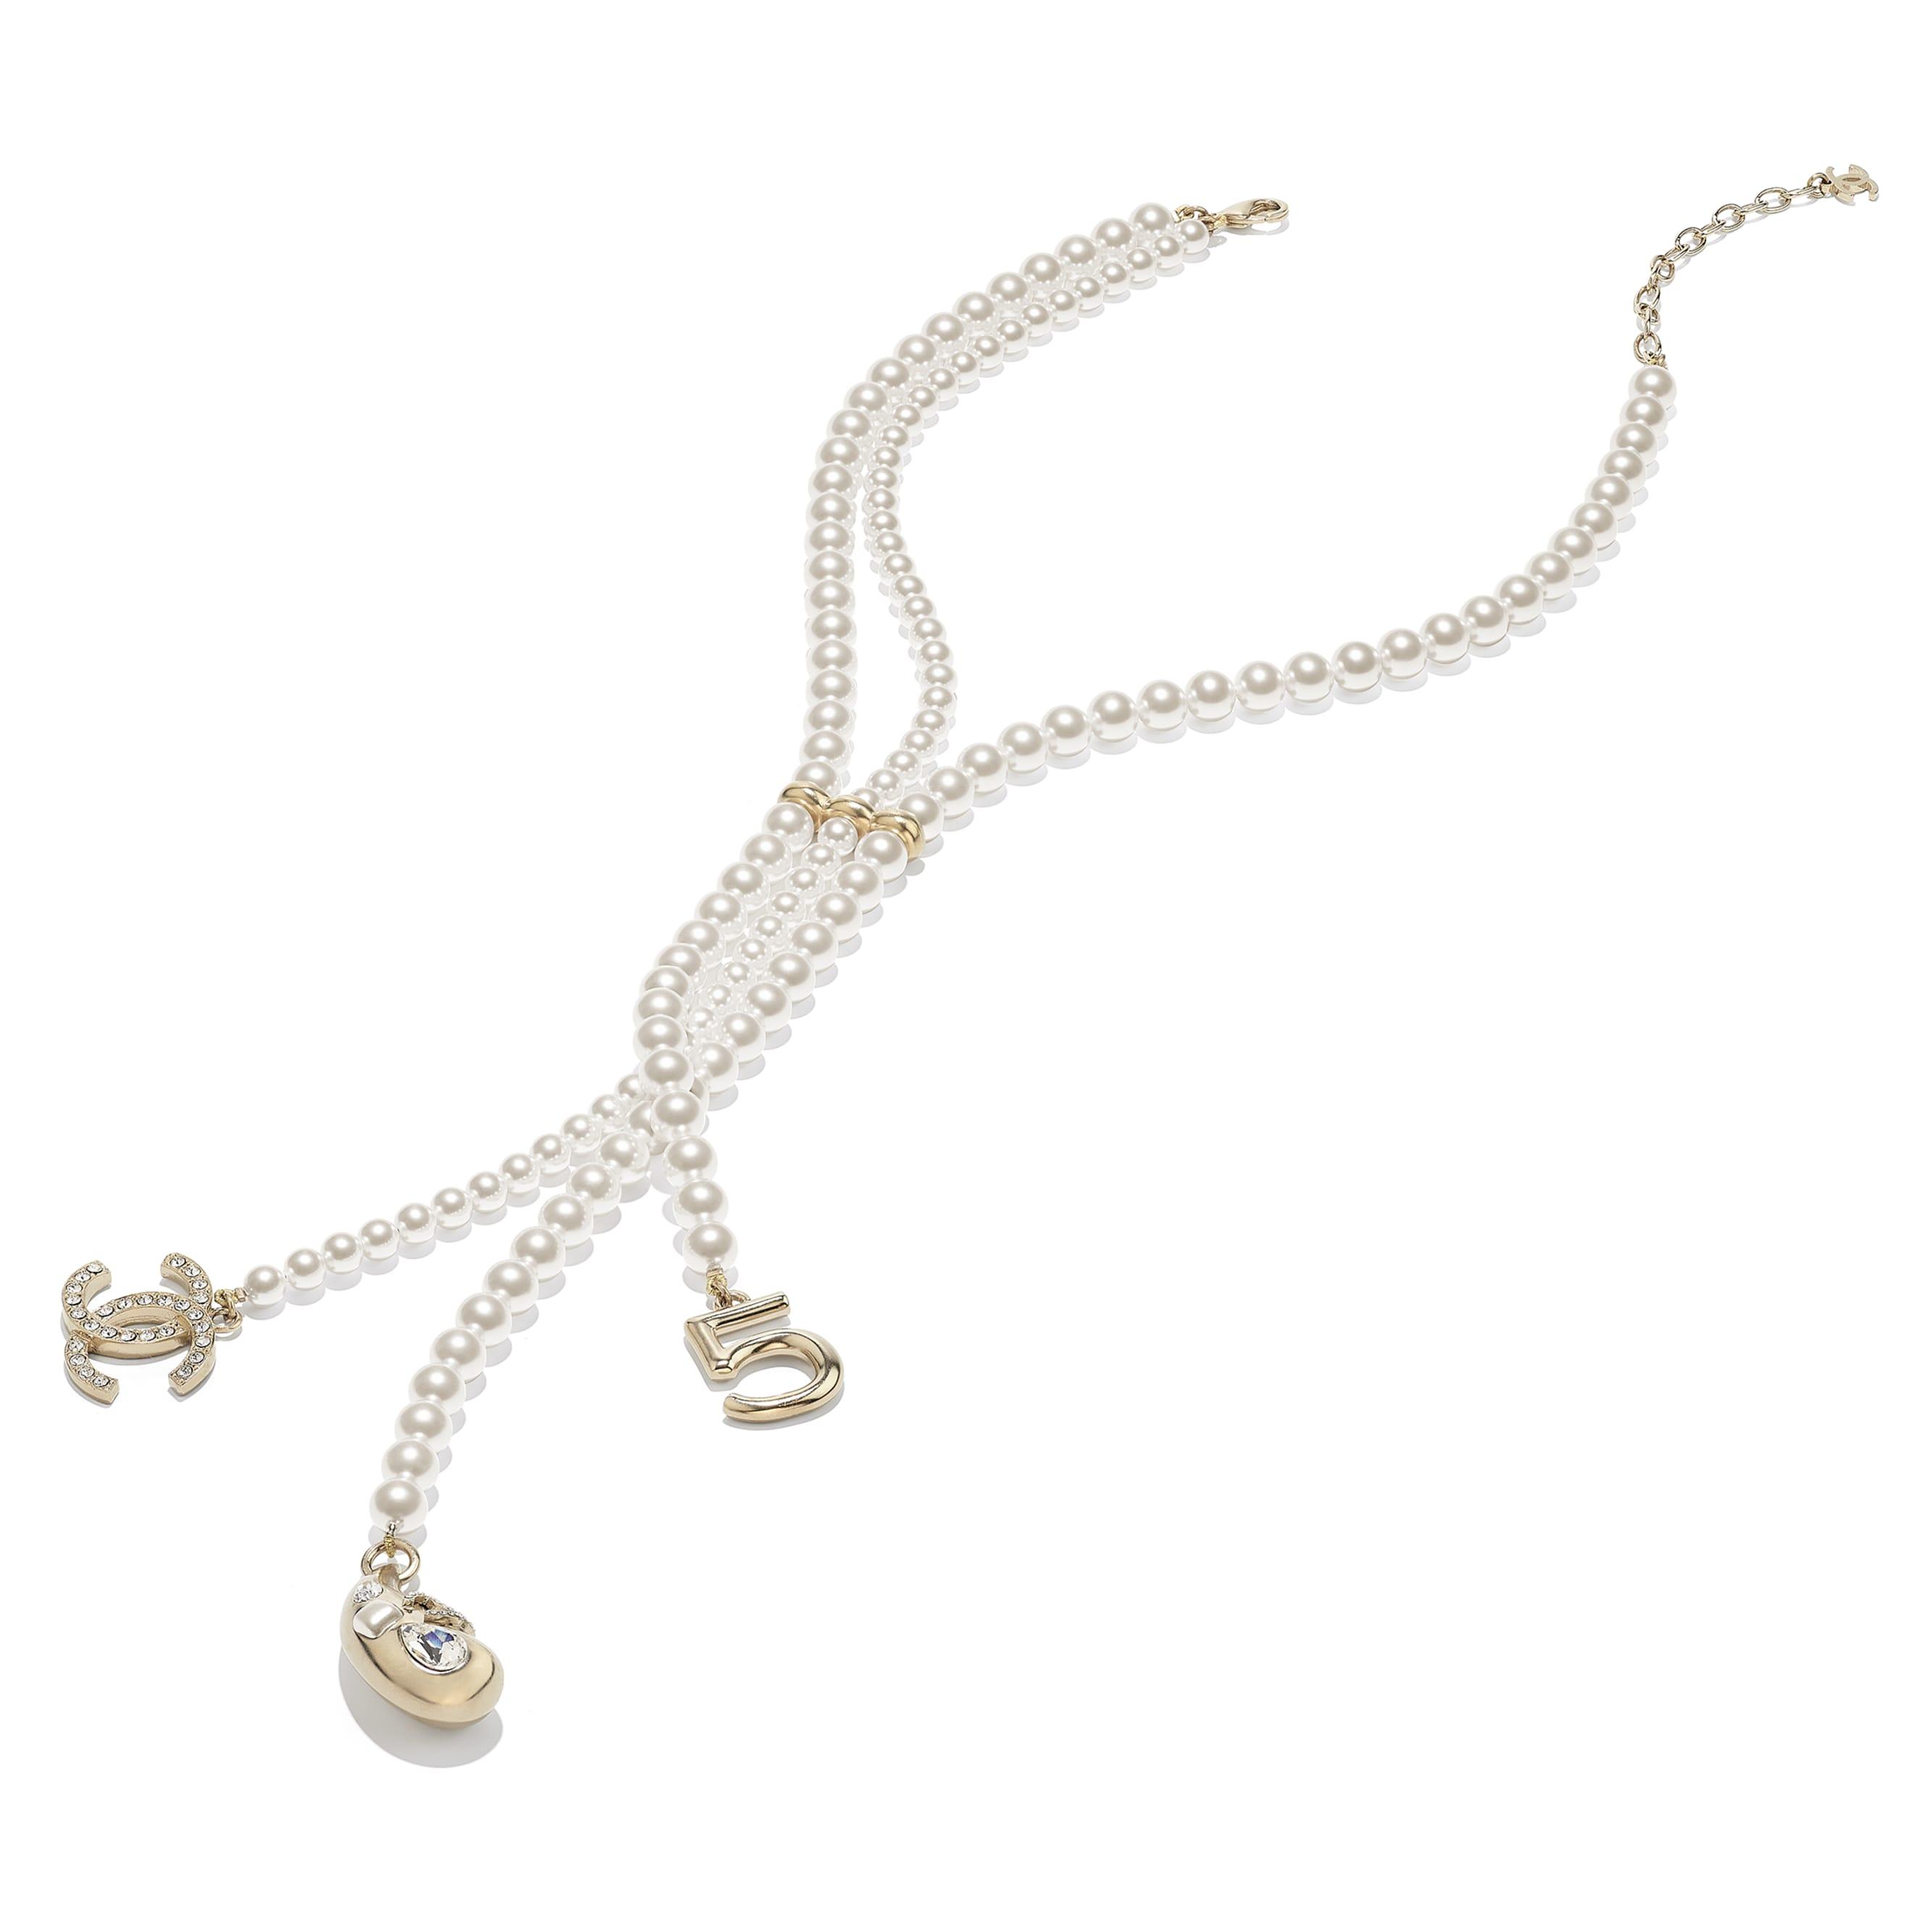 Collier - Doré, blanc nacré & cristal - Métal, perles de verre, verre & strass - CHANEL - Vue alternative - voir la version taille standard